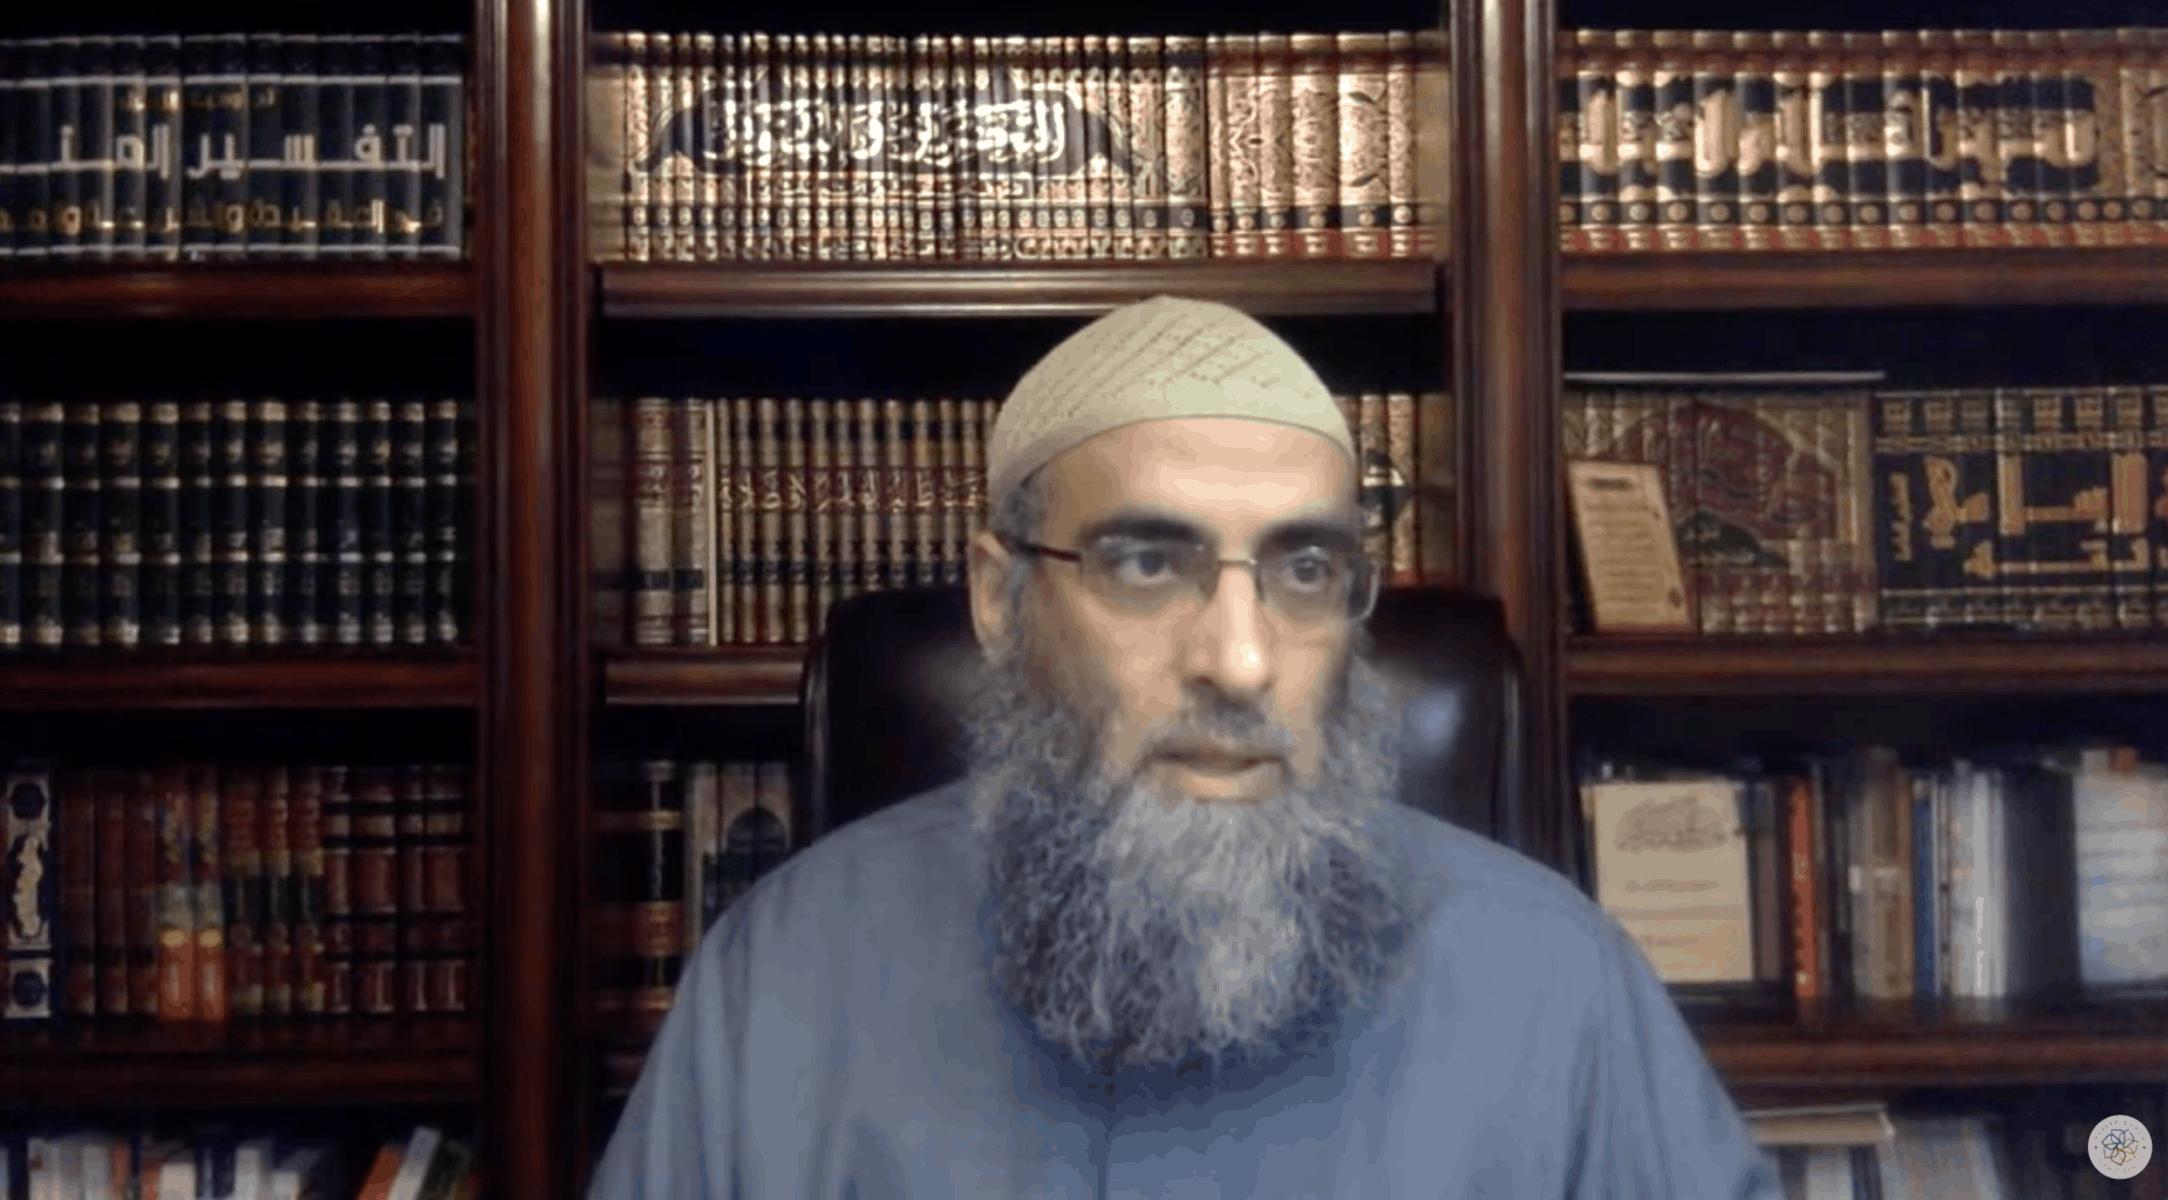 Yaser Birjas – The virtue of Qiyam and Tahajjud